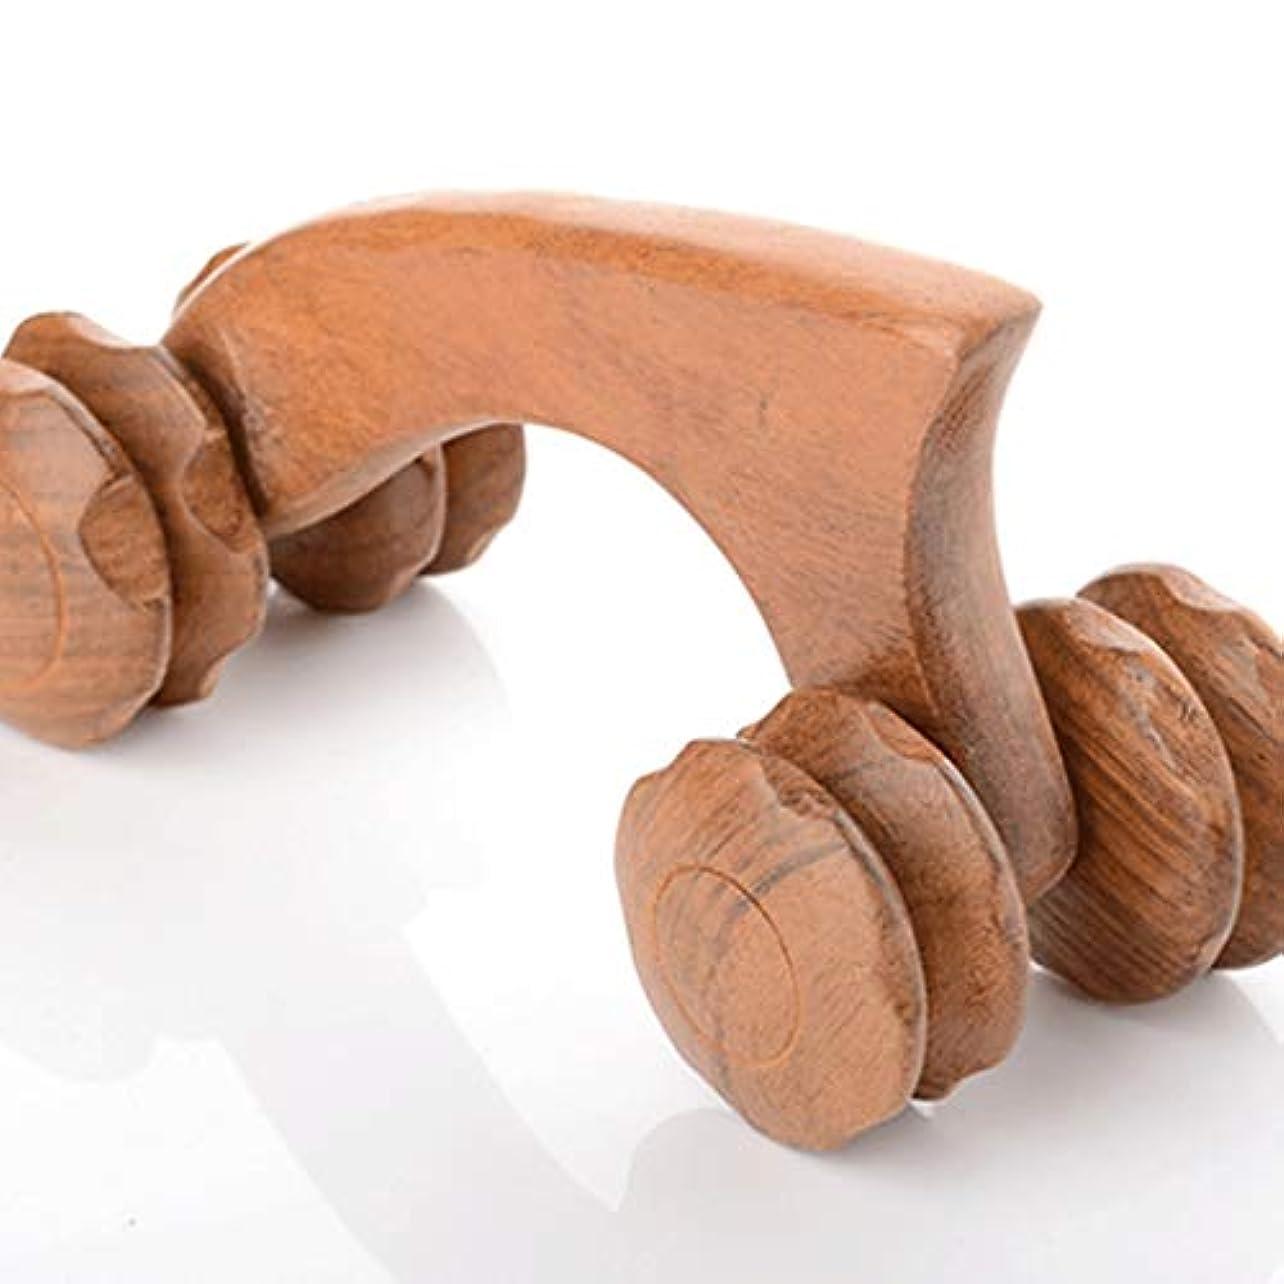 位置づけるジョットディボンドンきらめく手動マッサージホイールマッサージャー木製マッサージャーナイフ型四輪マッサージ木製マッサージプッシュホイール純粋な手のプッシュ